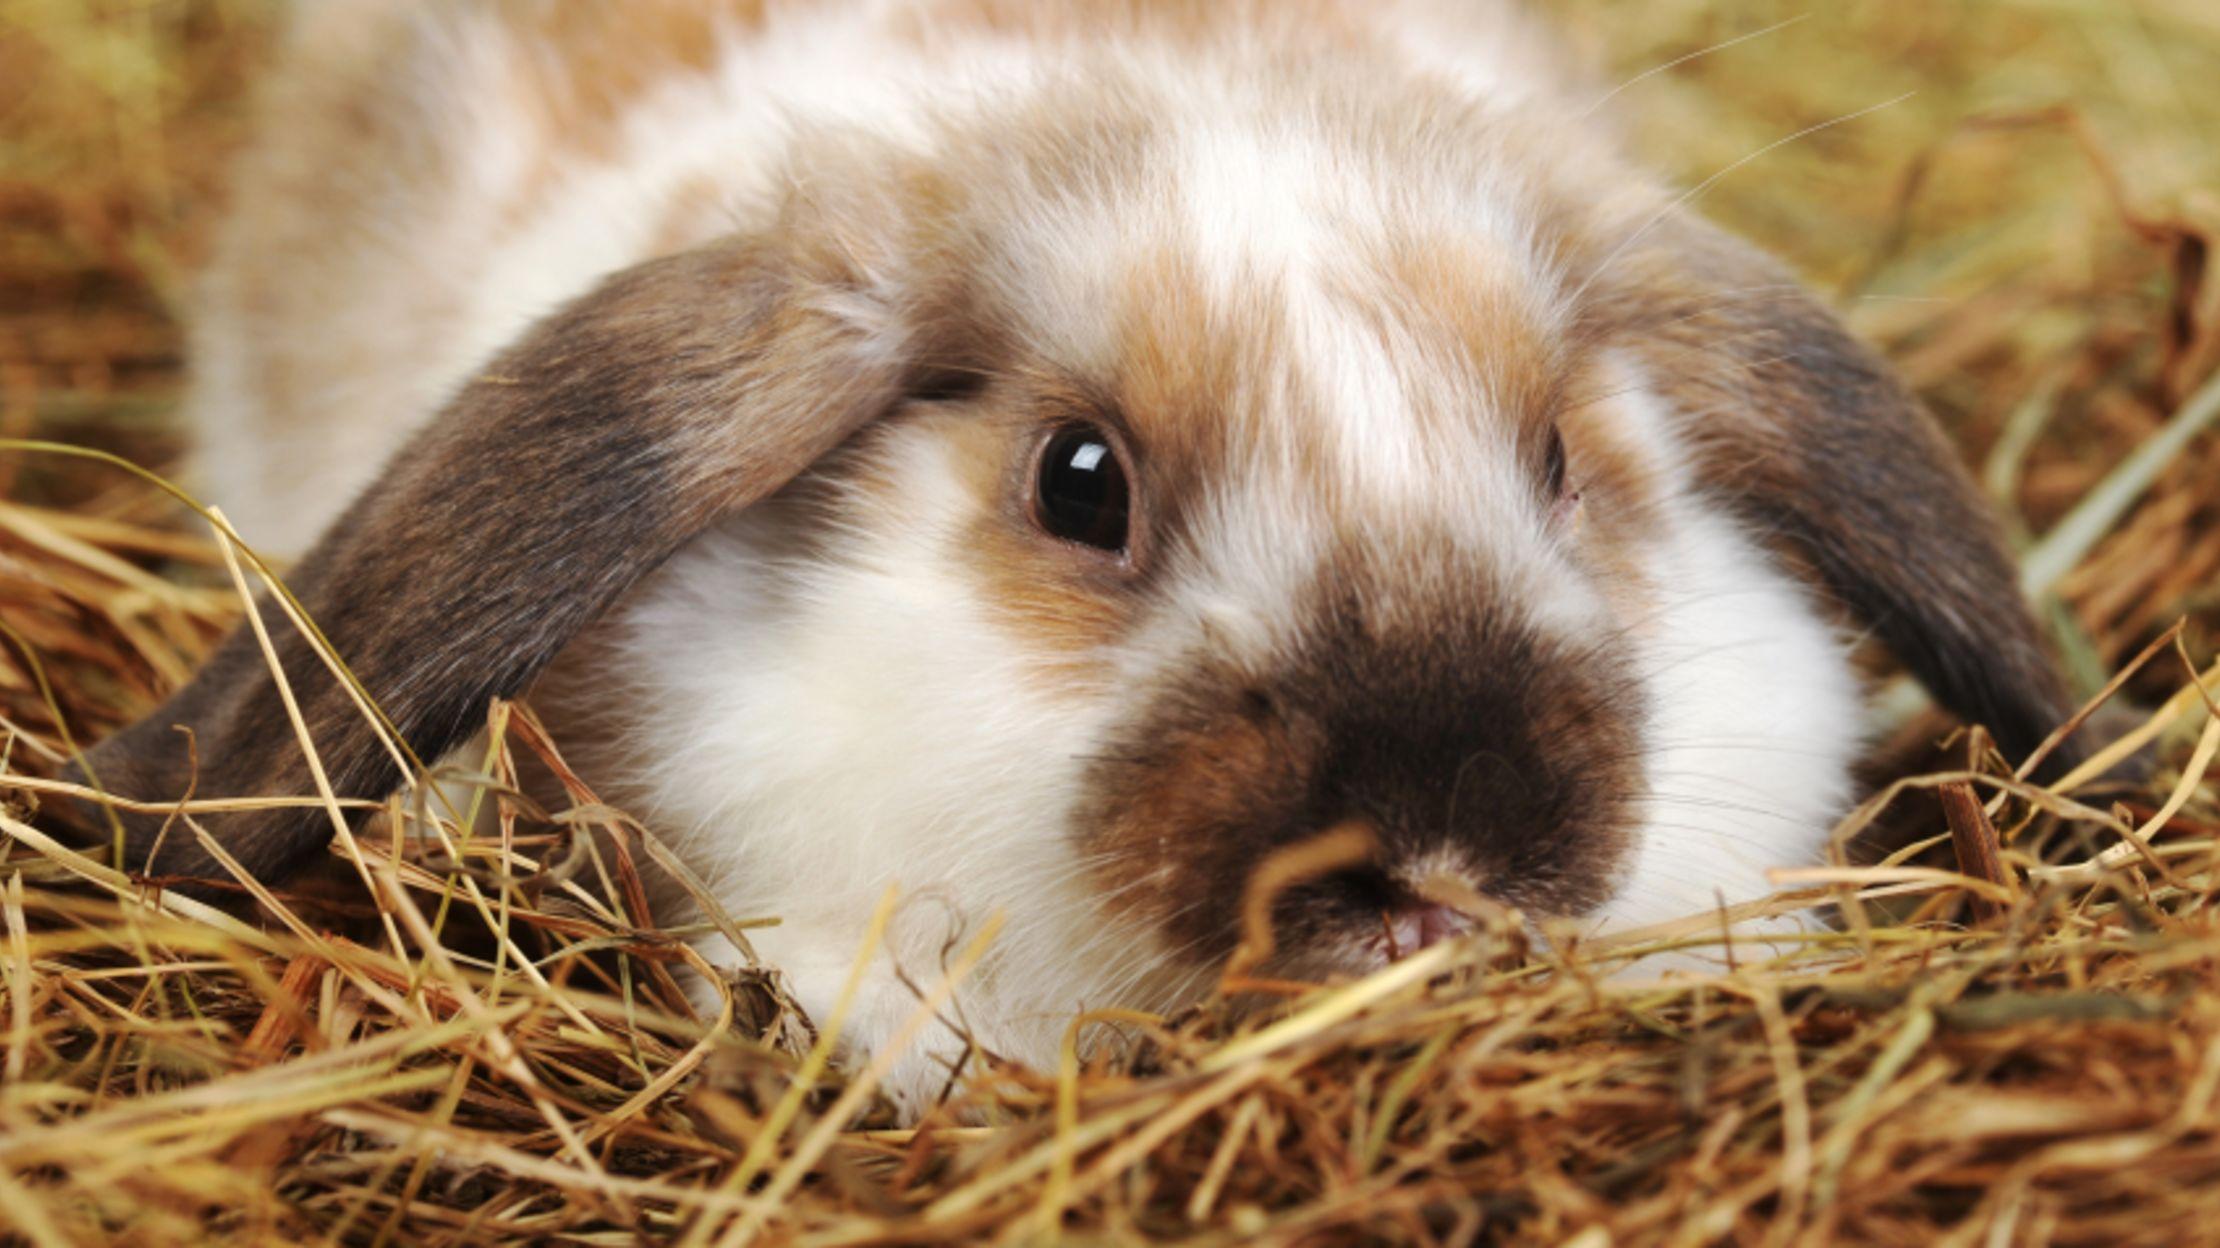 Hình ảnh chú thỏ lông vằng xinh xắn